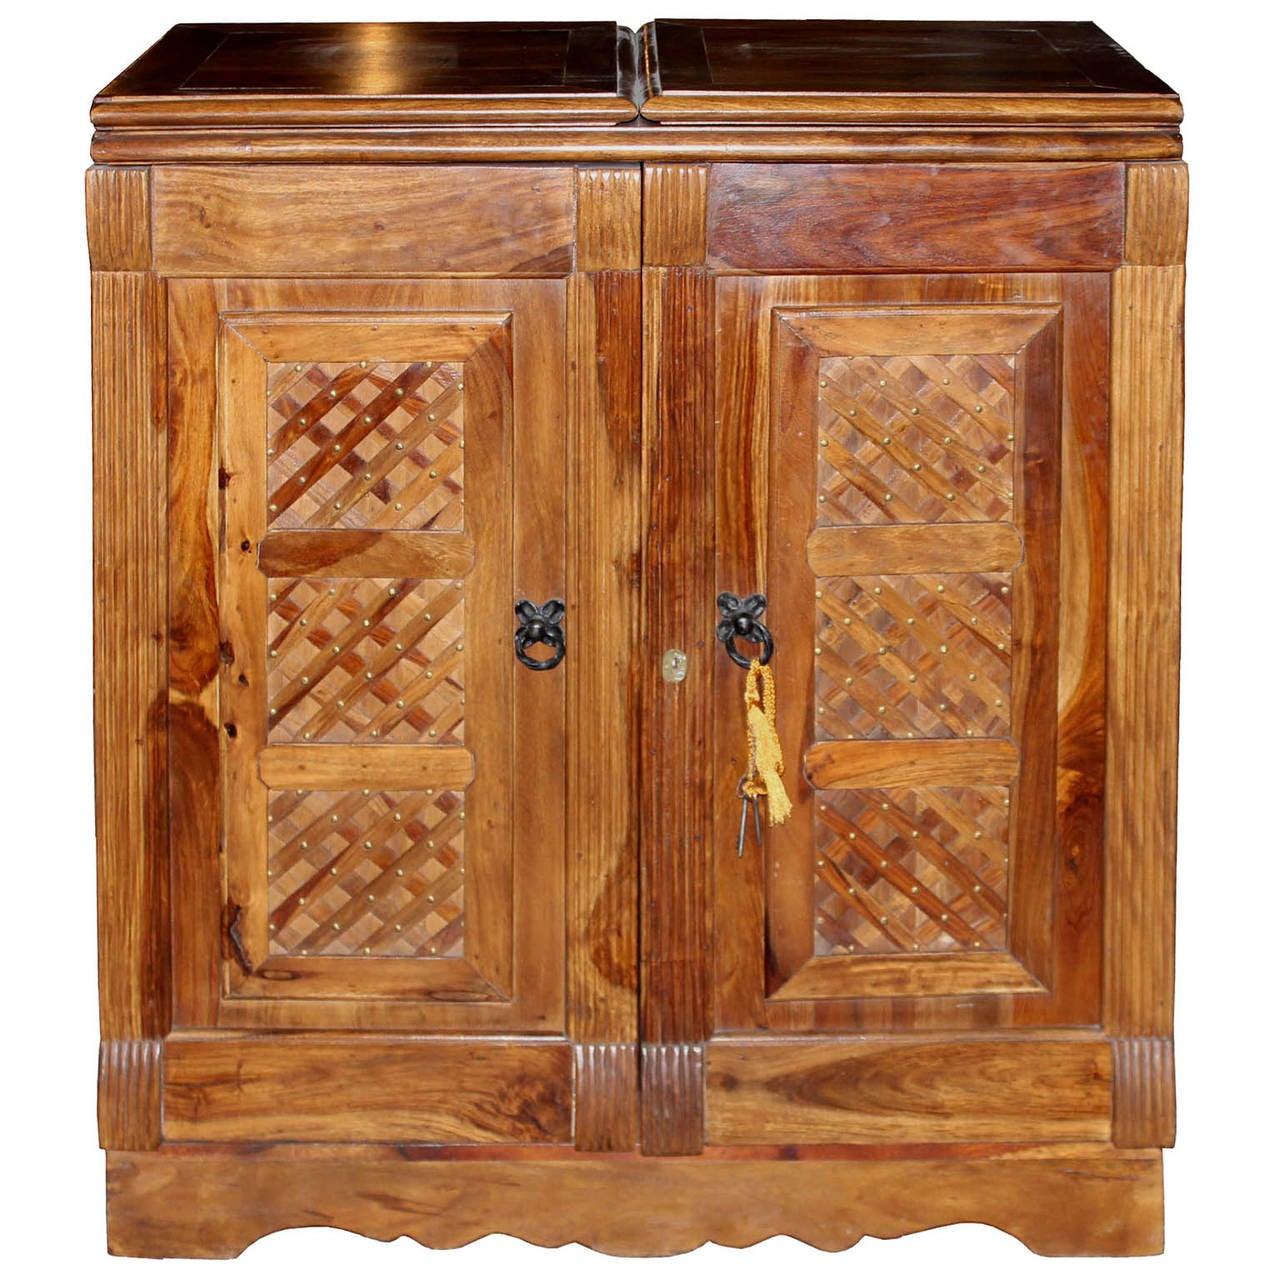 full size of barawesome large bar cabinet custom liquor cabi